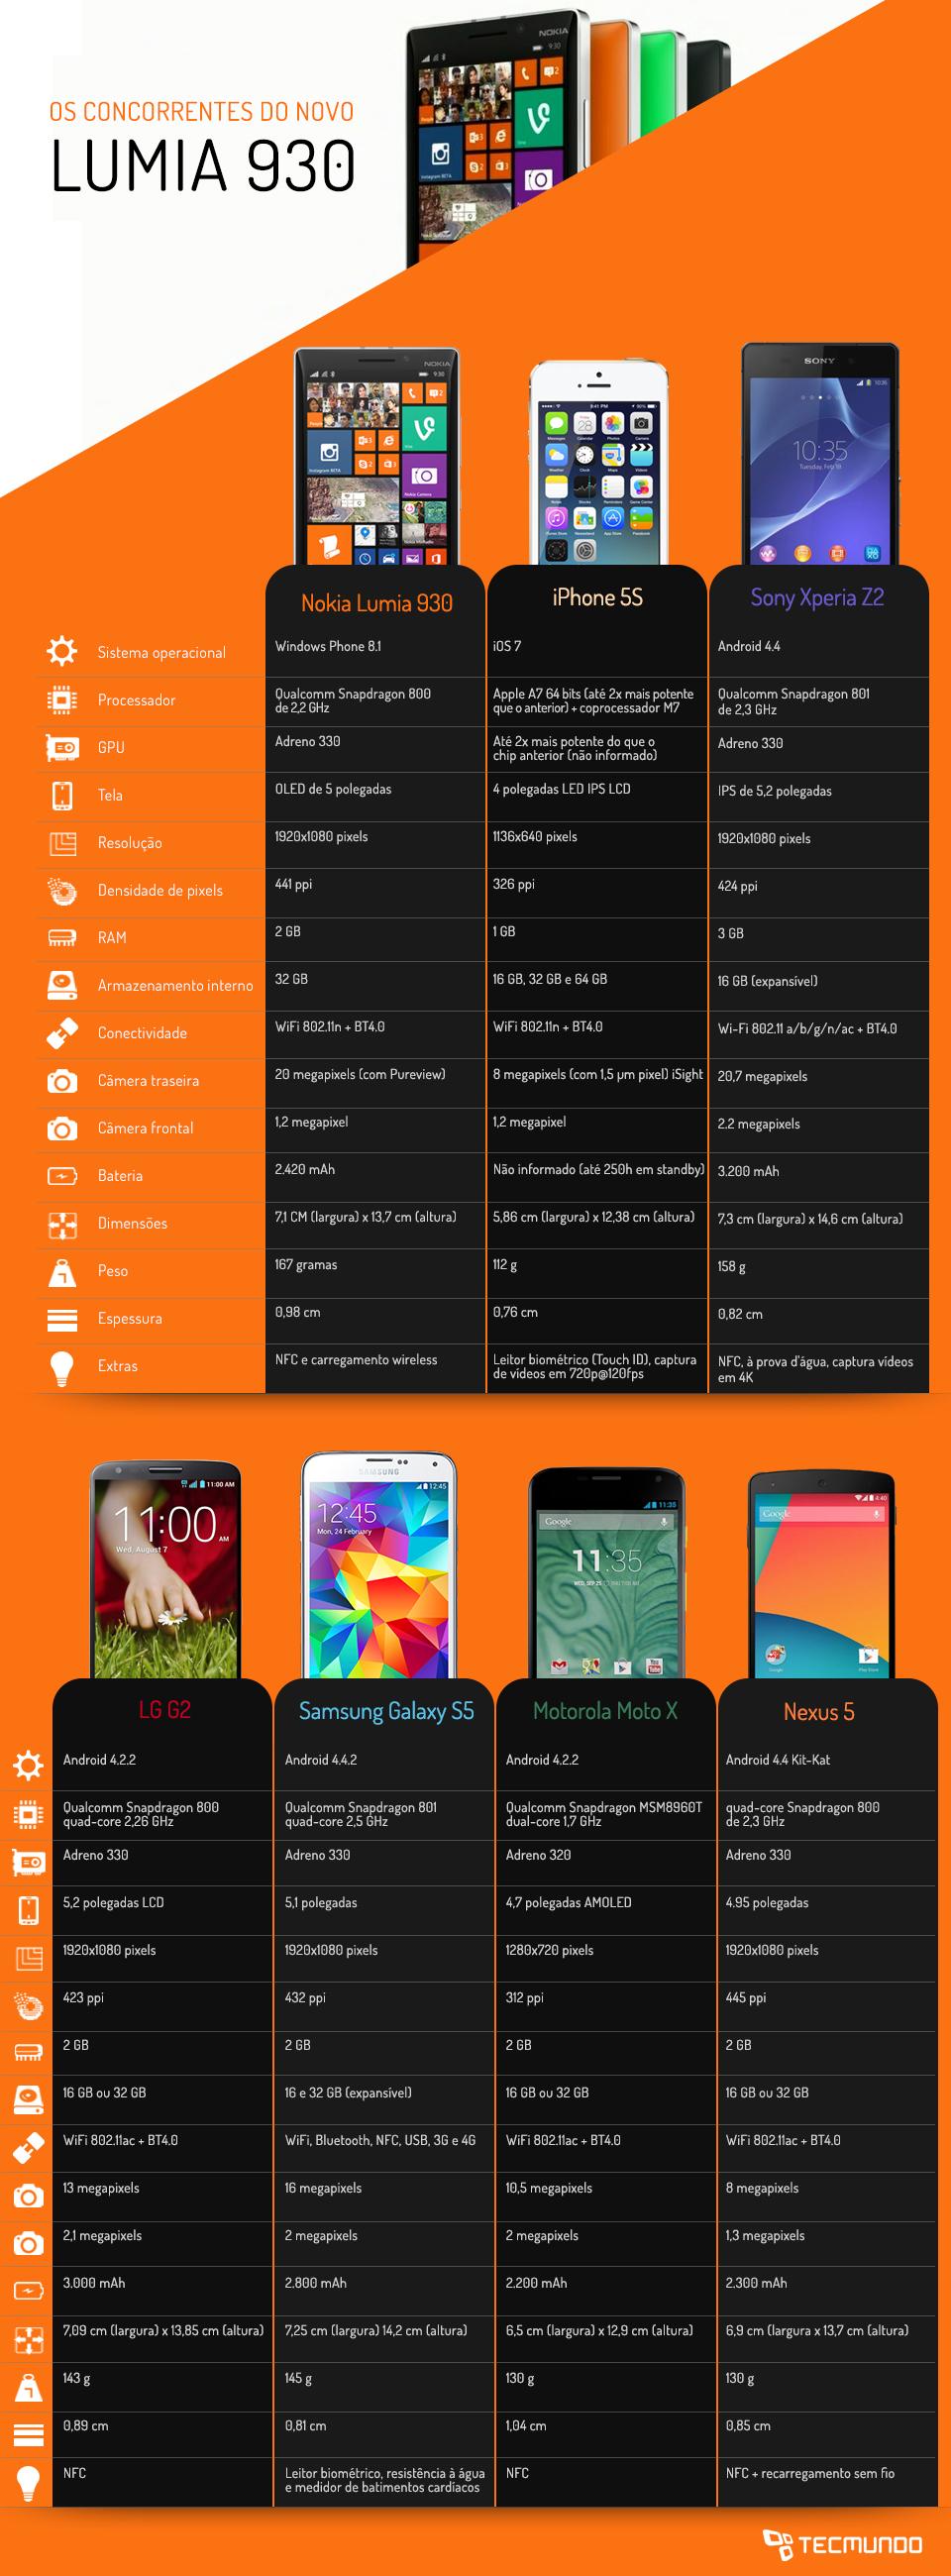 Infográfico - Comparação: Nokia Lumia 930 contra os principais smartphones do mercado